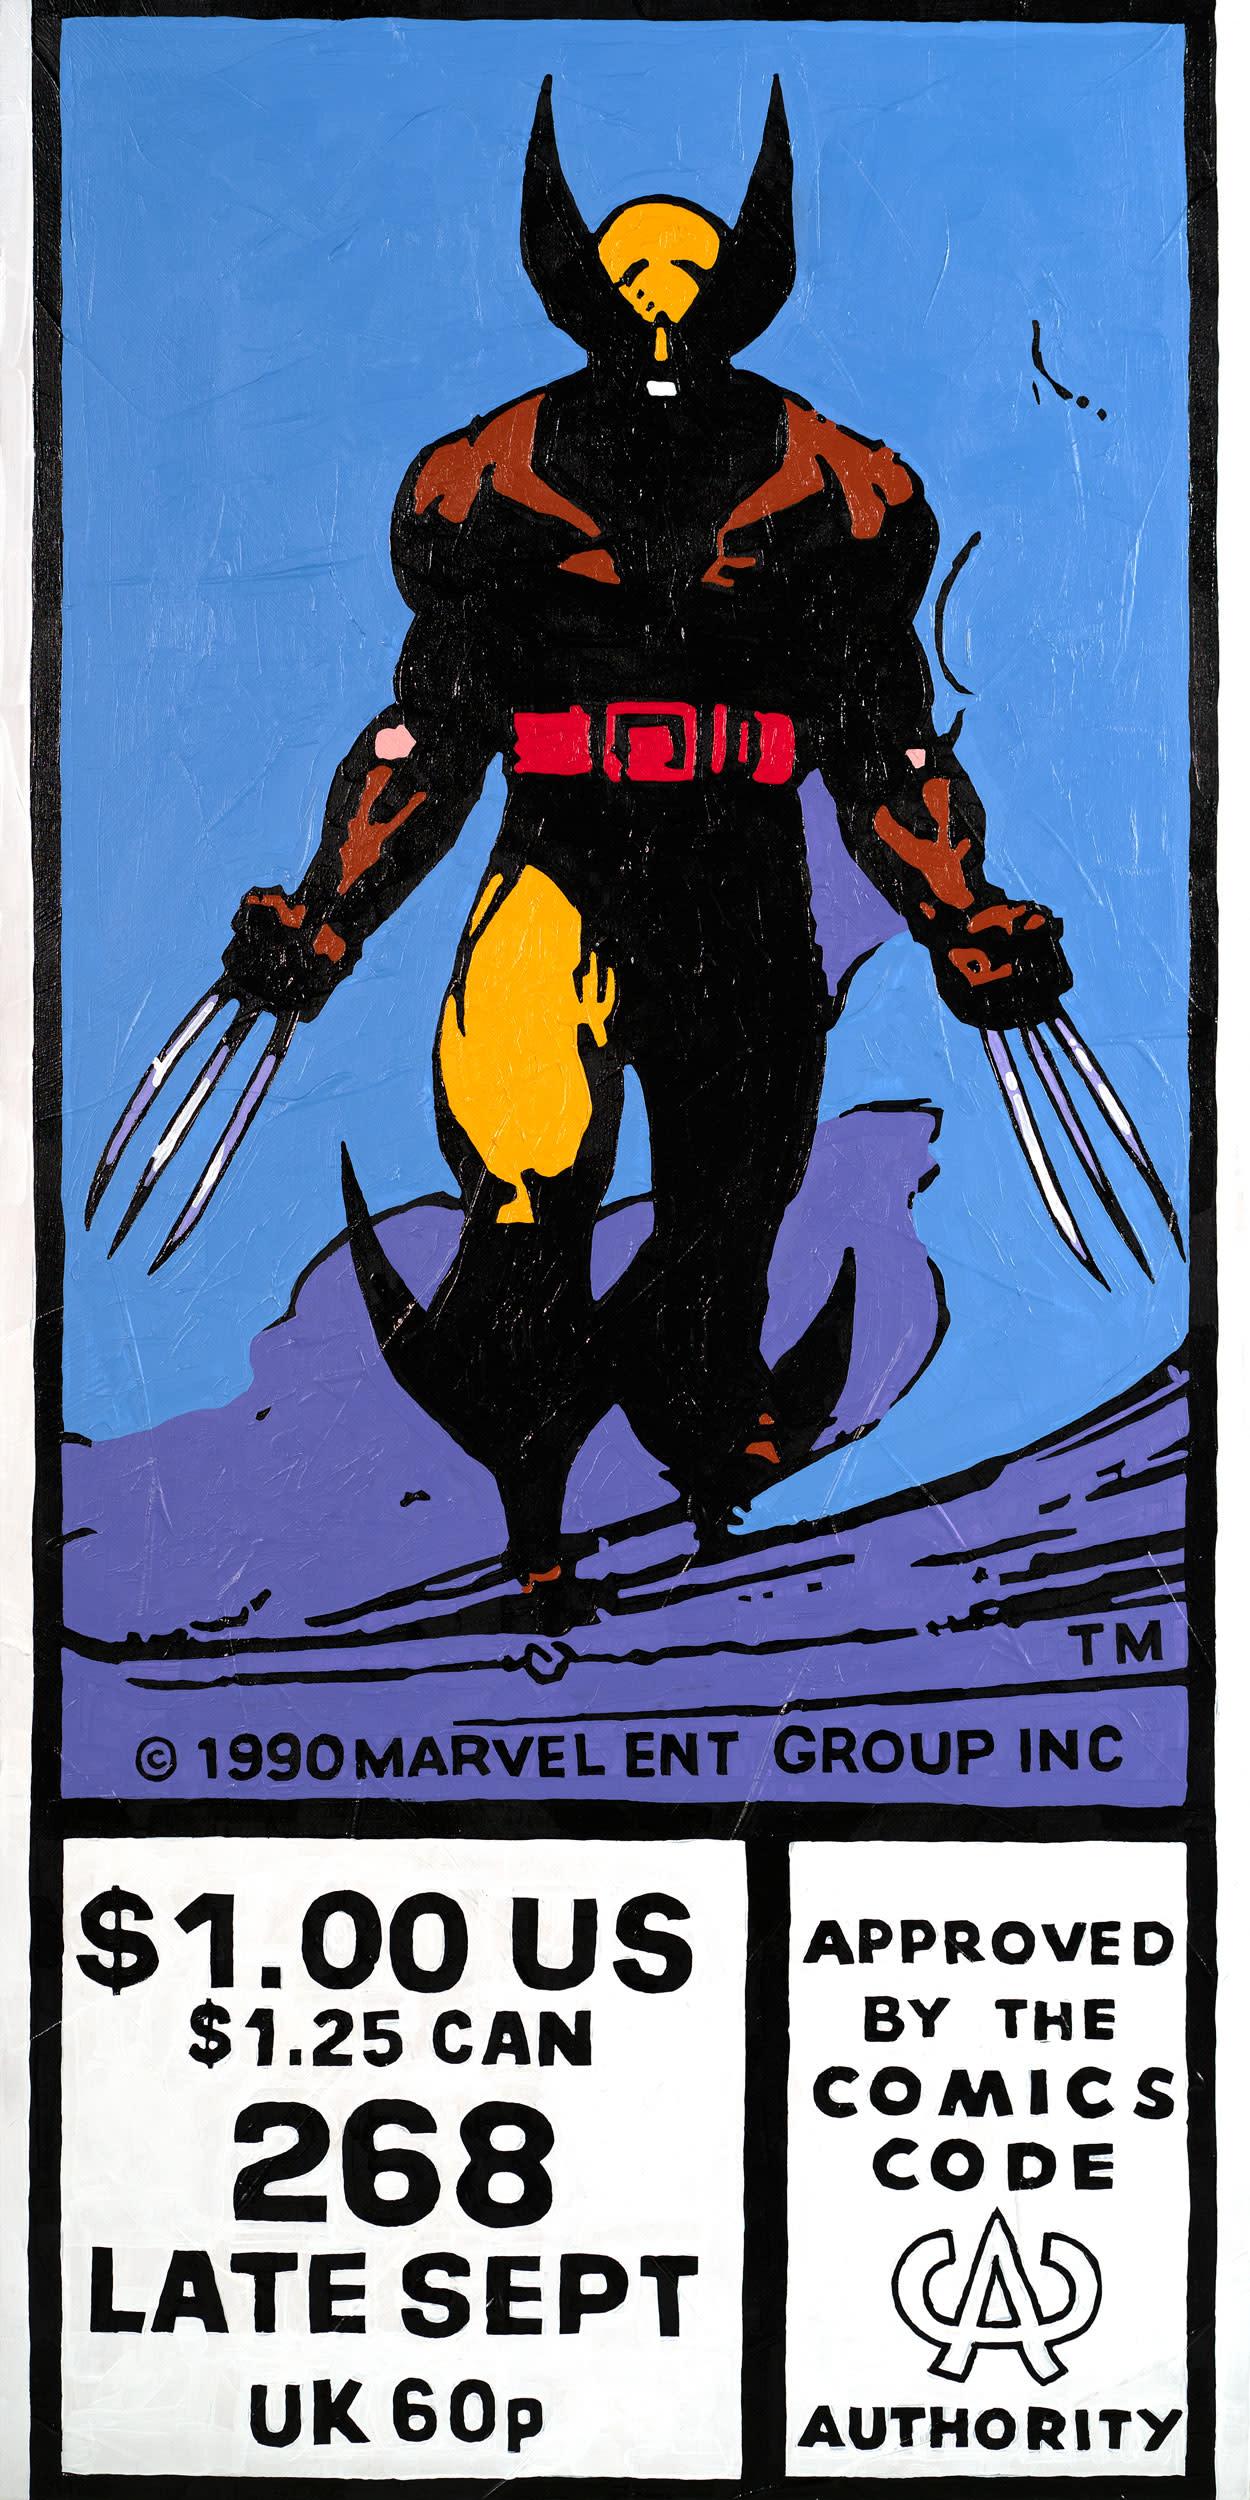 Wolverine jl 18x24 2020 toddmonk lo tpkasb